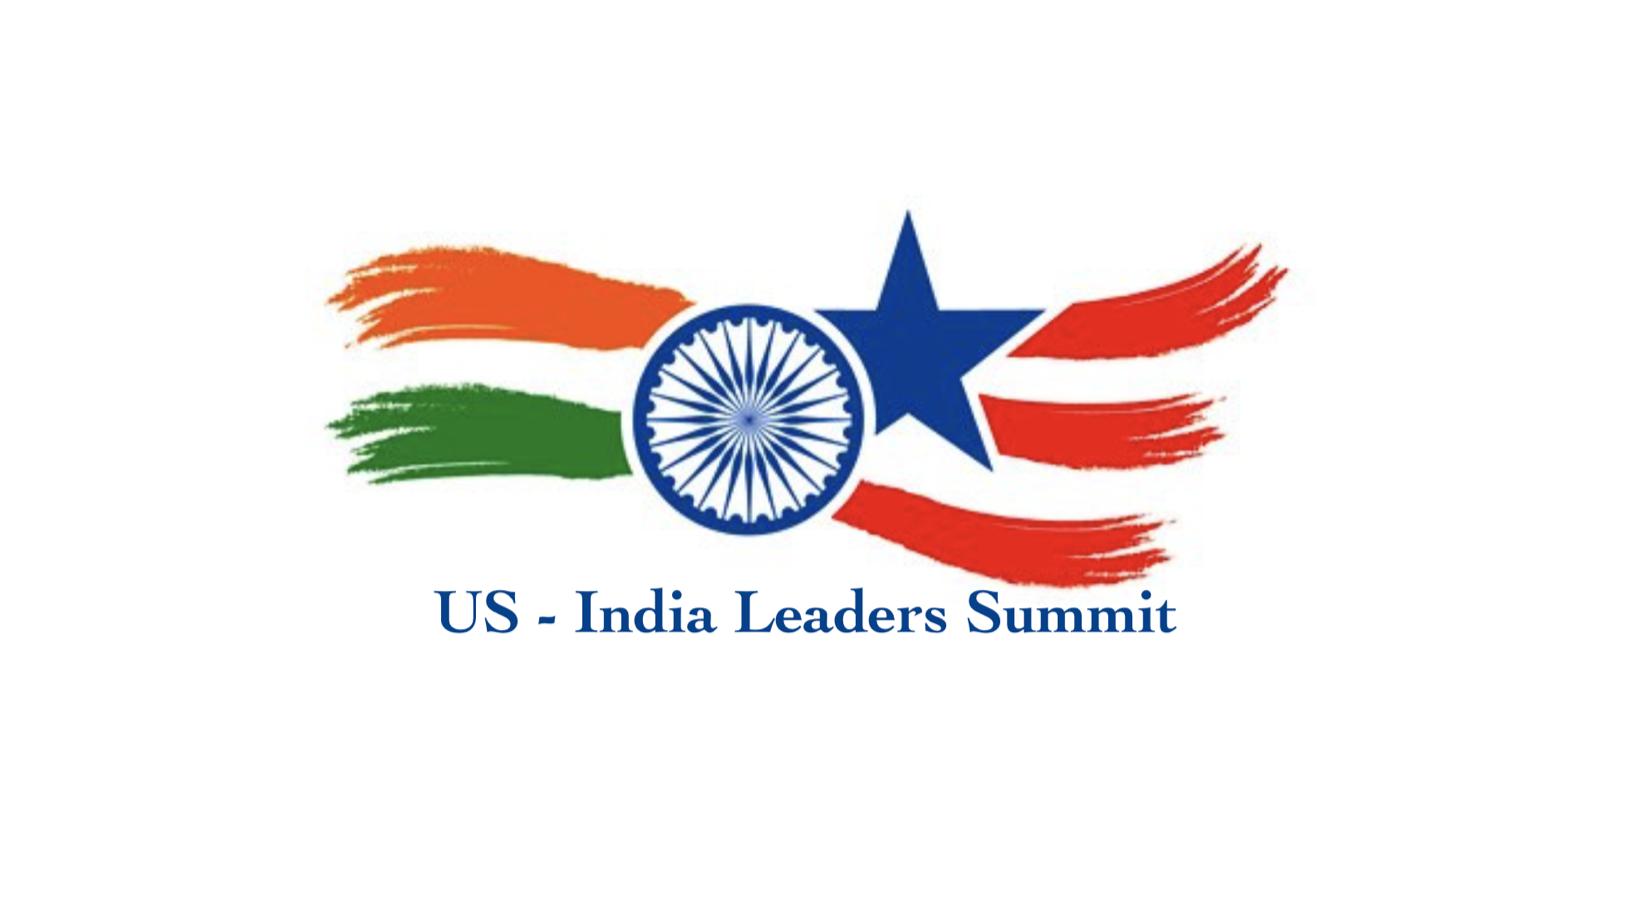 US – INDIA LEADERS SUMMIT – LOGO – WEBSITE